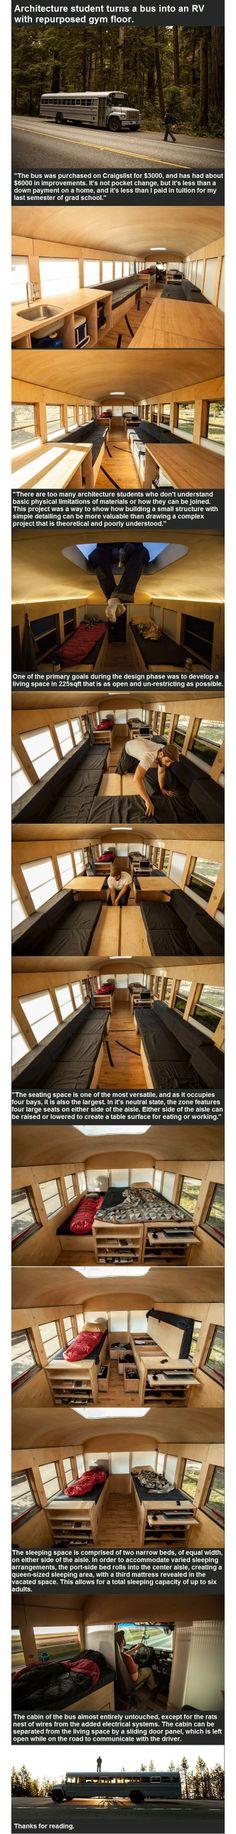 Geniale Idee eines Architekturstudenten